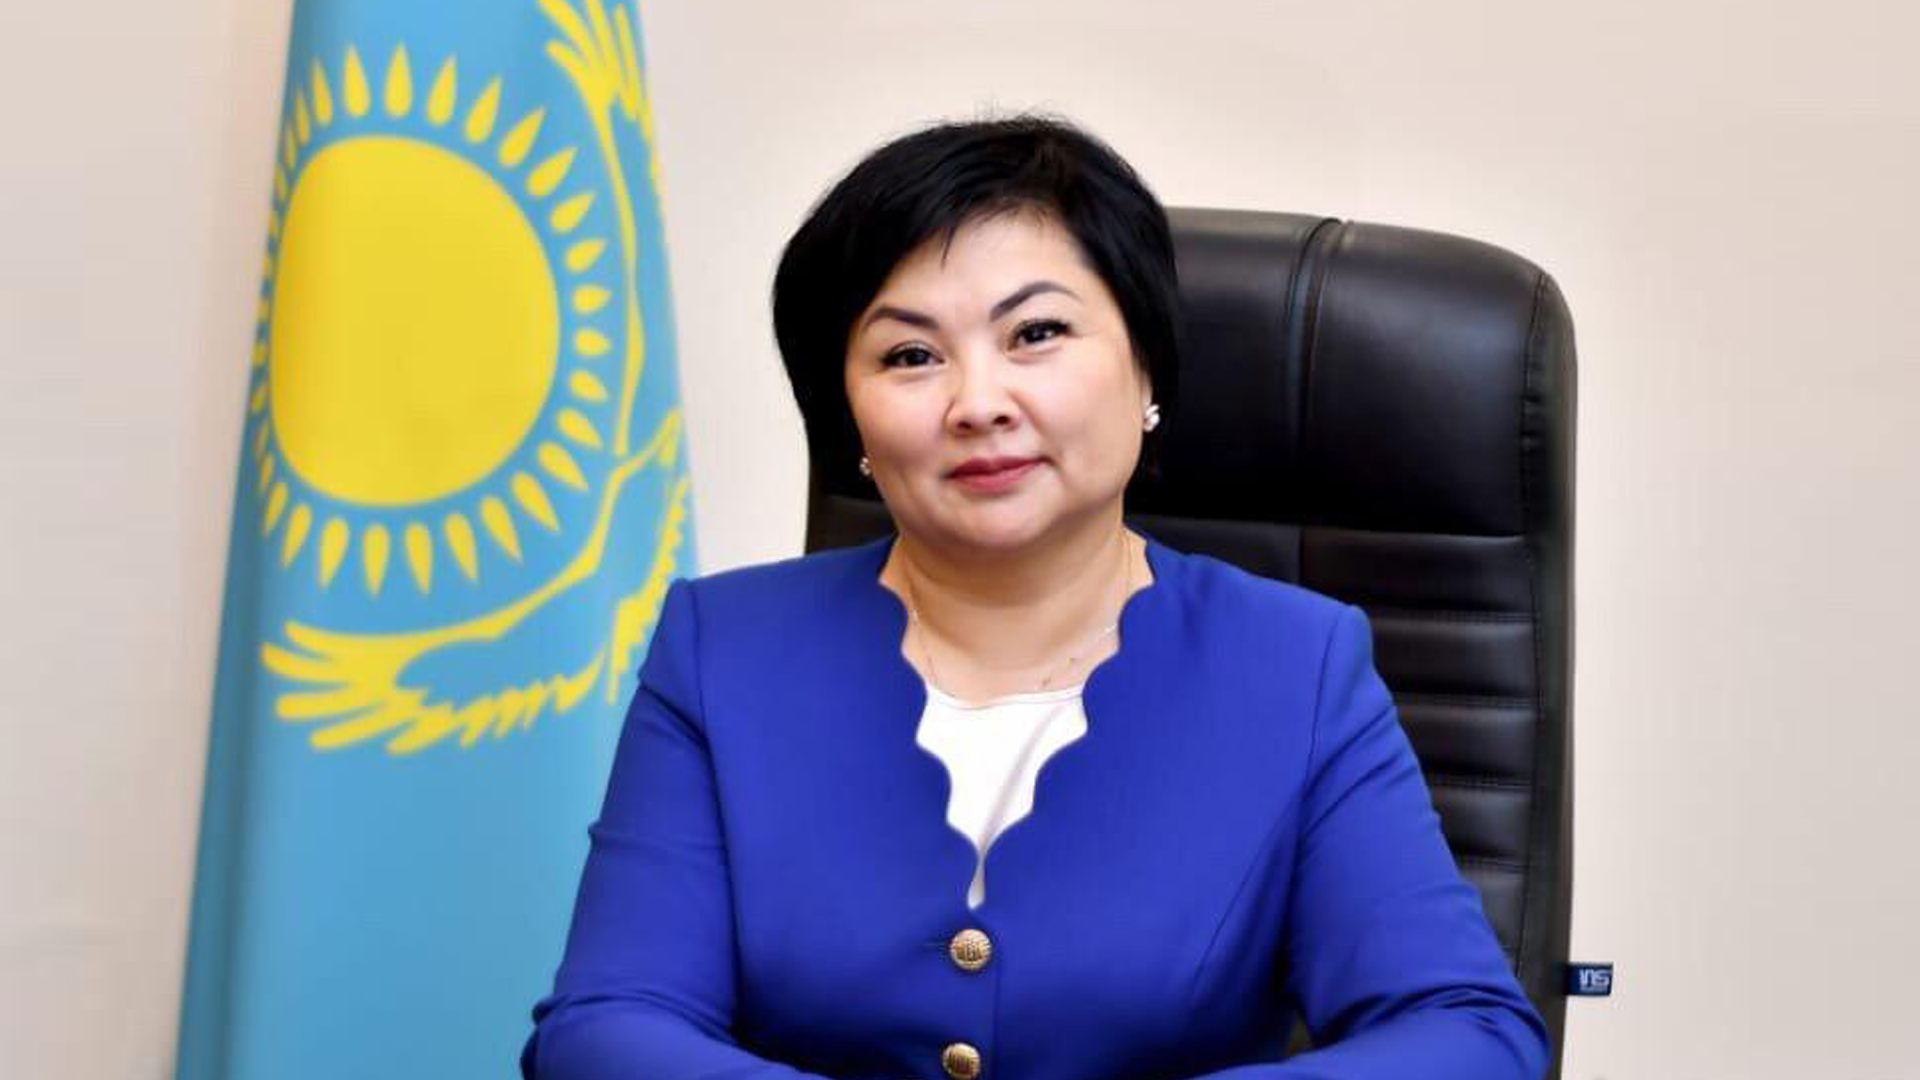 Досье: Каринова Шолпан Танатовна, шолпан каринова, досье, министерство образования РК